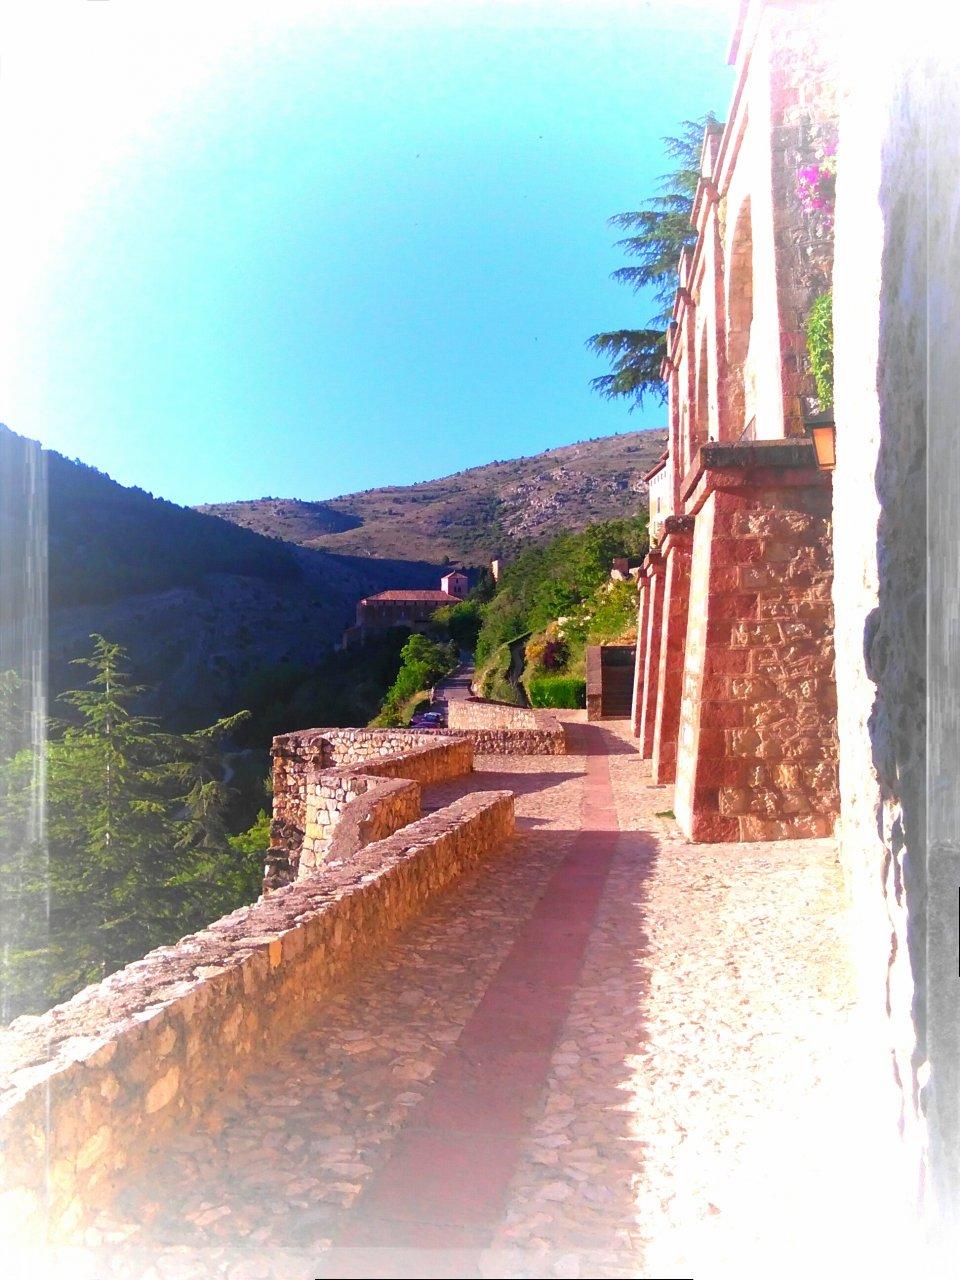 #Mañana de #Primavera de #Junio en #Albarracin